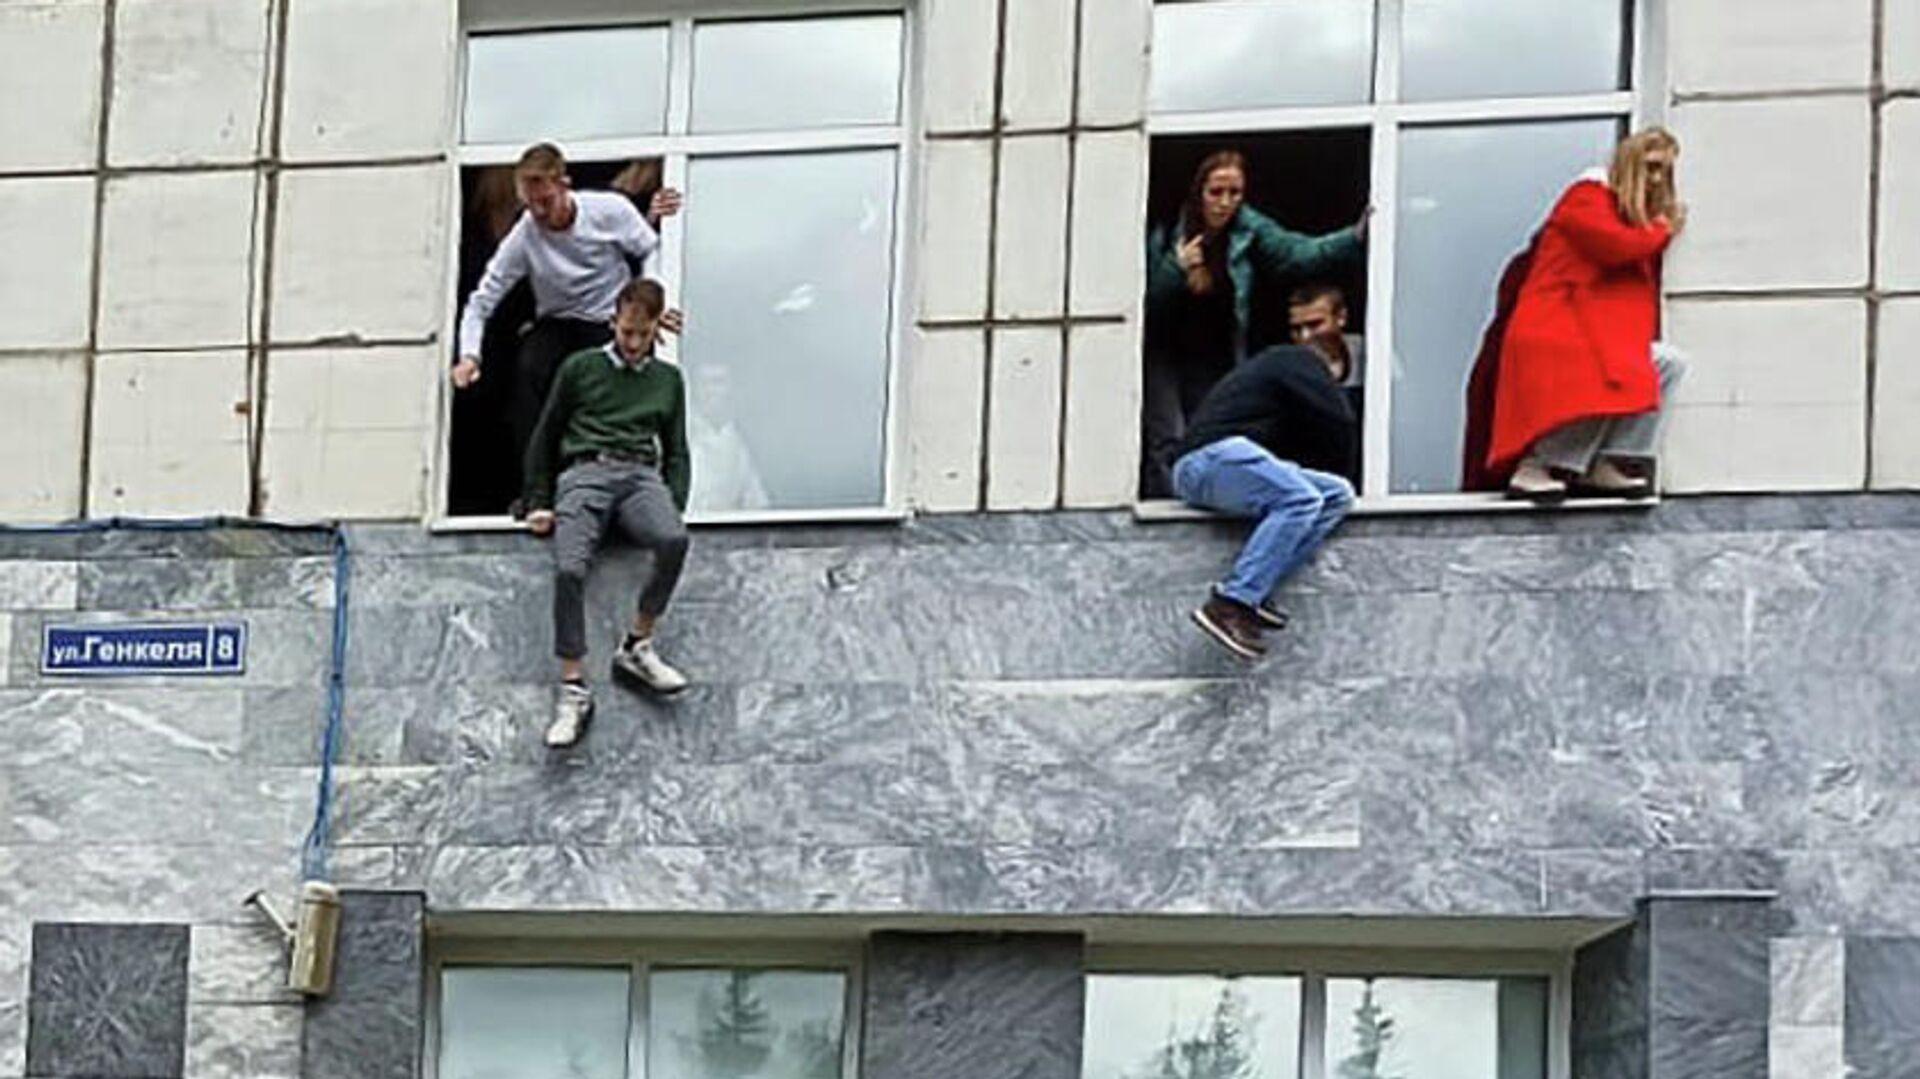 Los estudiantes rusos se salvan tras el tiroteo en la universidad de Perm - Sputnik Mundo, 1920, 20.09.2021